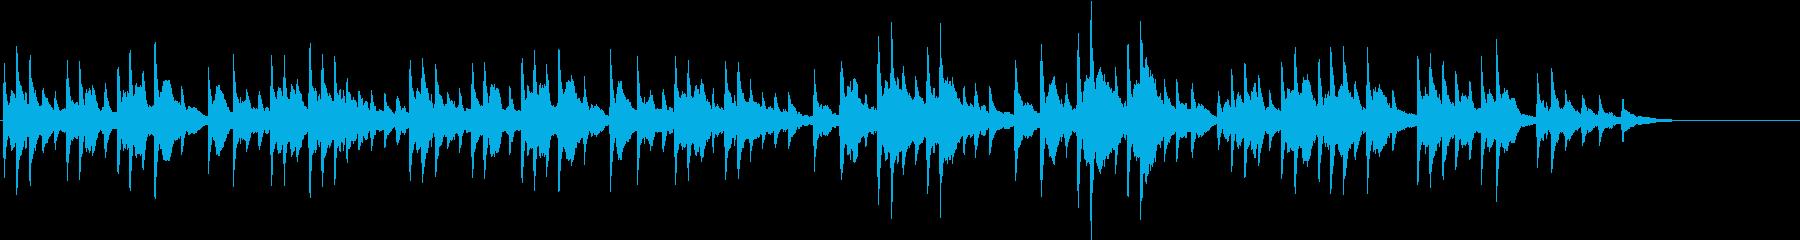 アニーローリー オルゴールの再生済みの波形